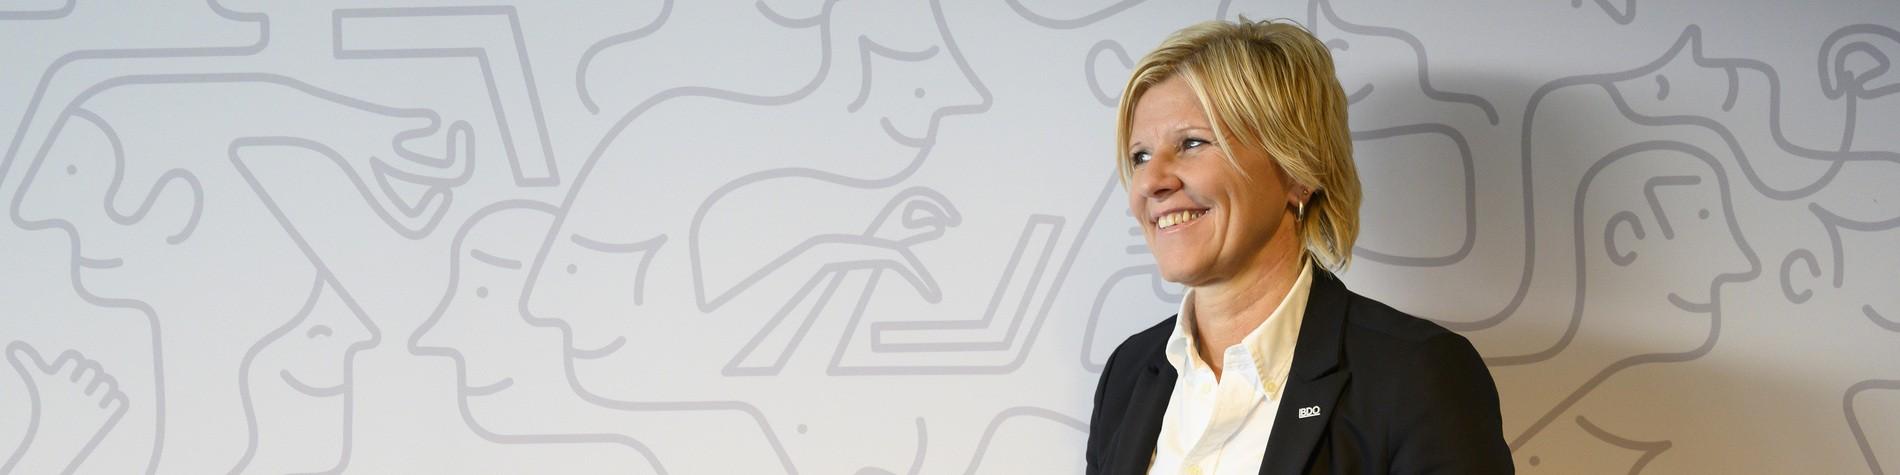 BDO Norge | LinkedIn